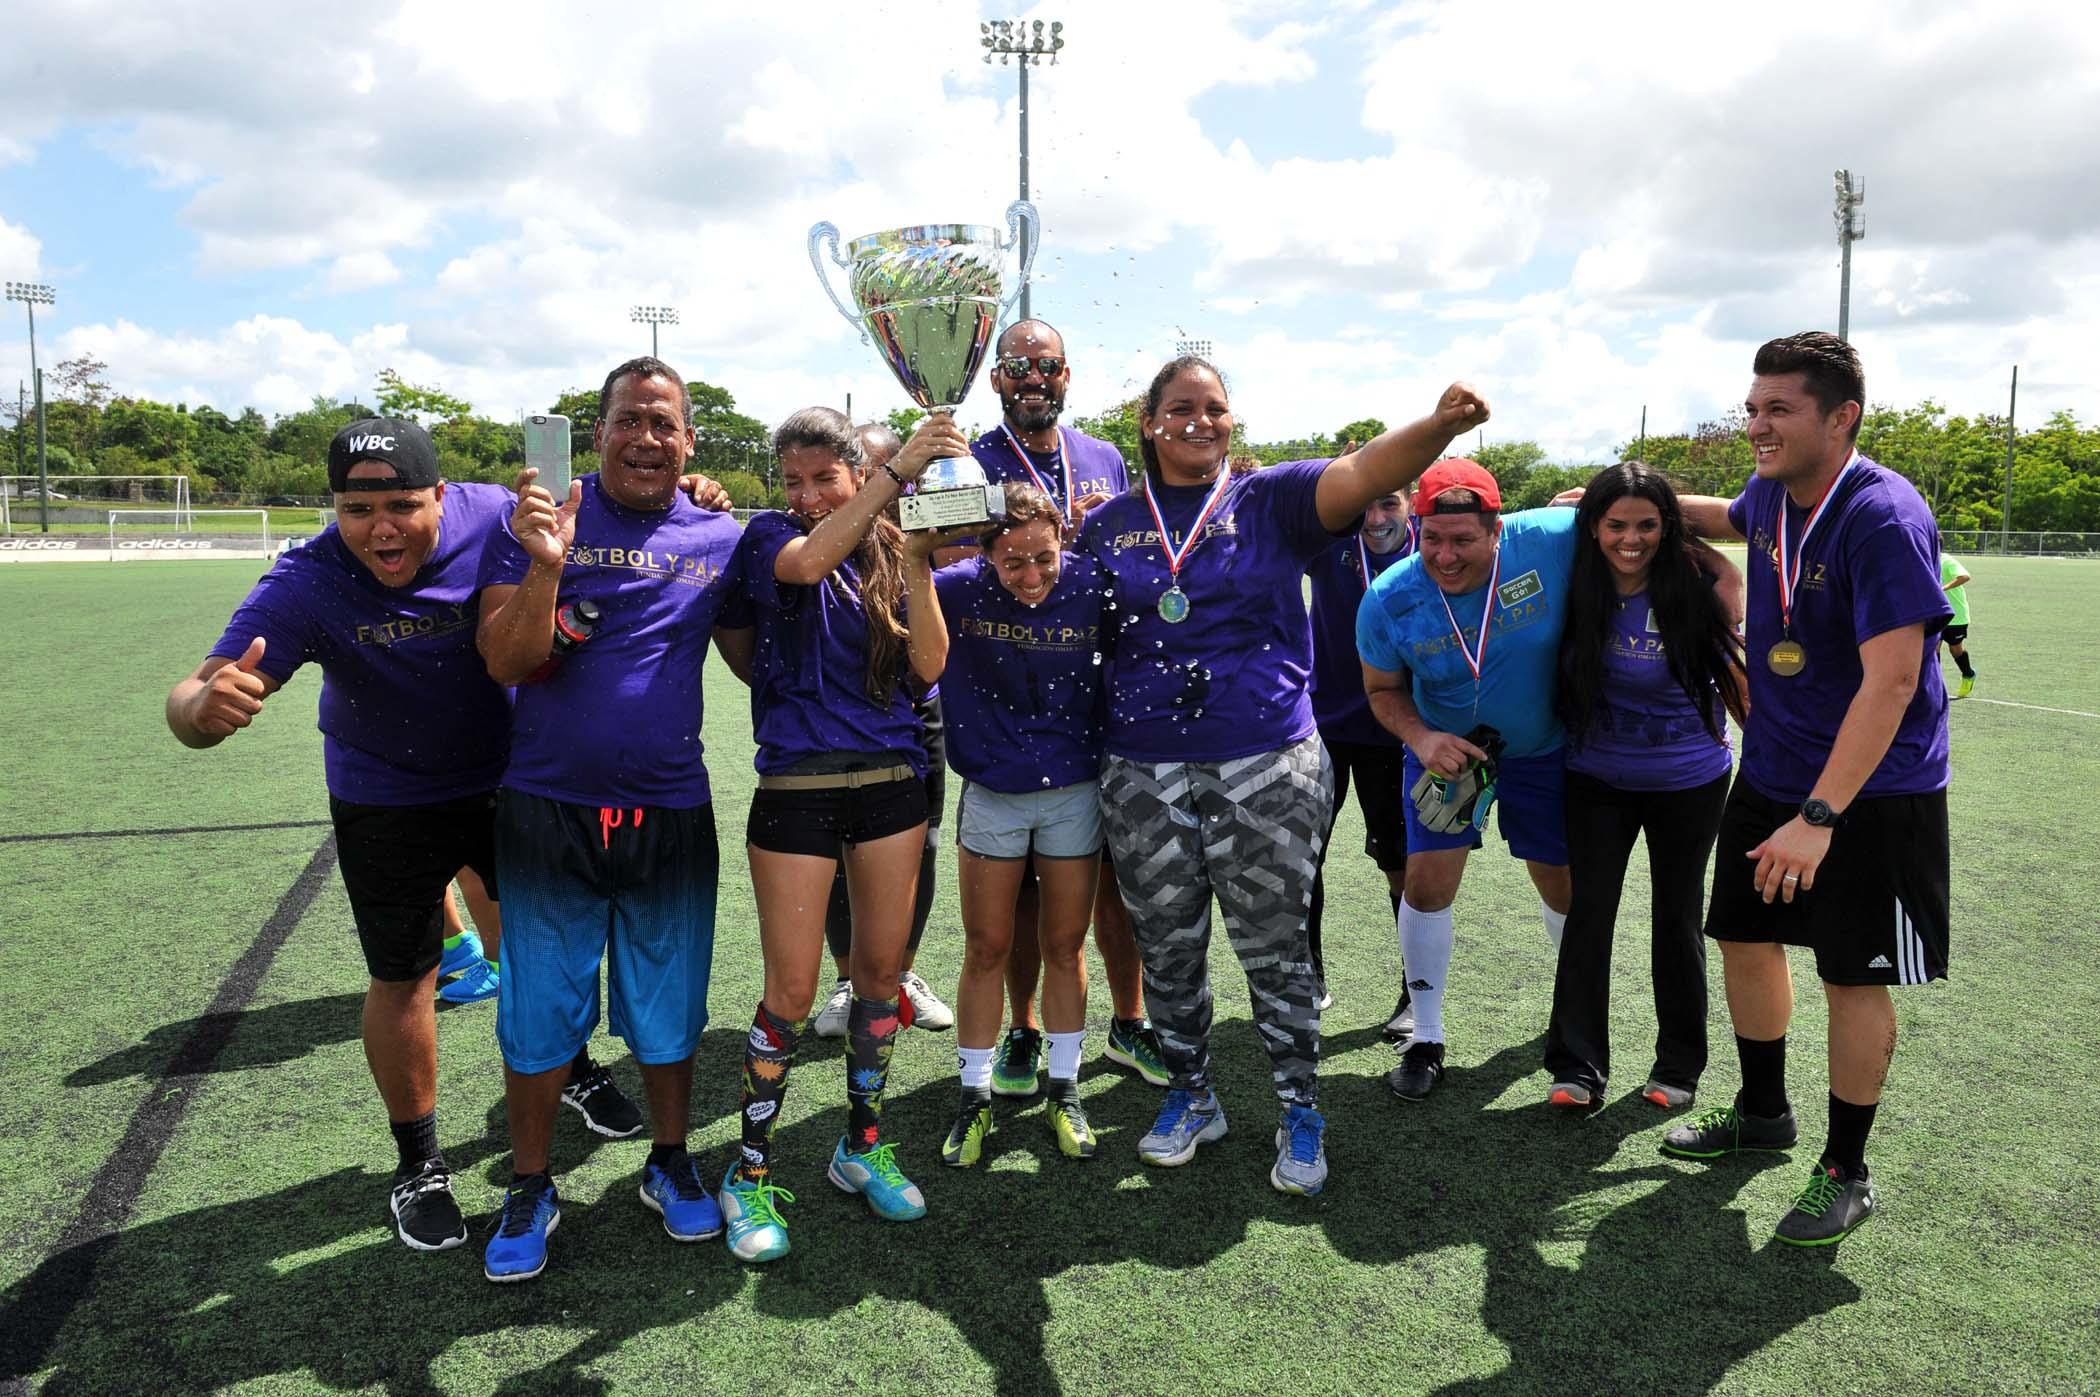 Equipo violeta celebrando su victoria